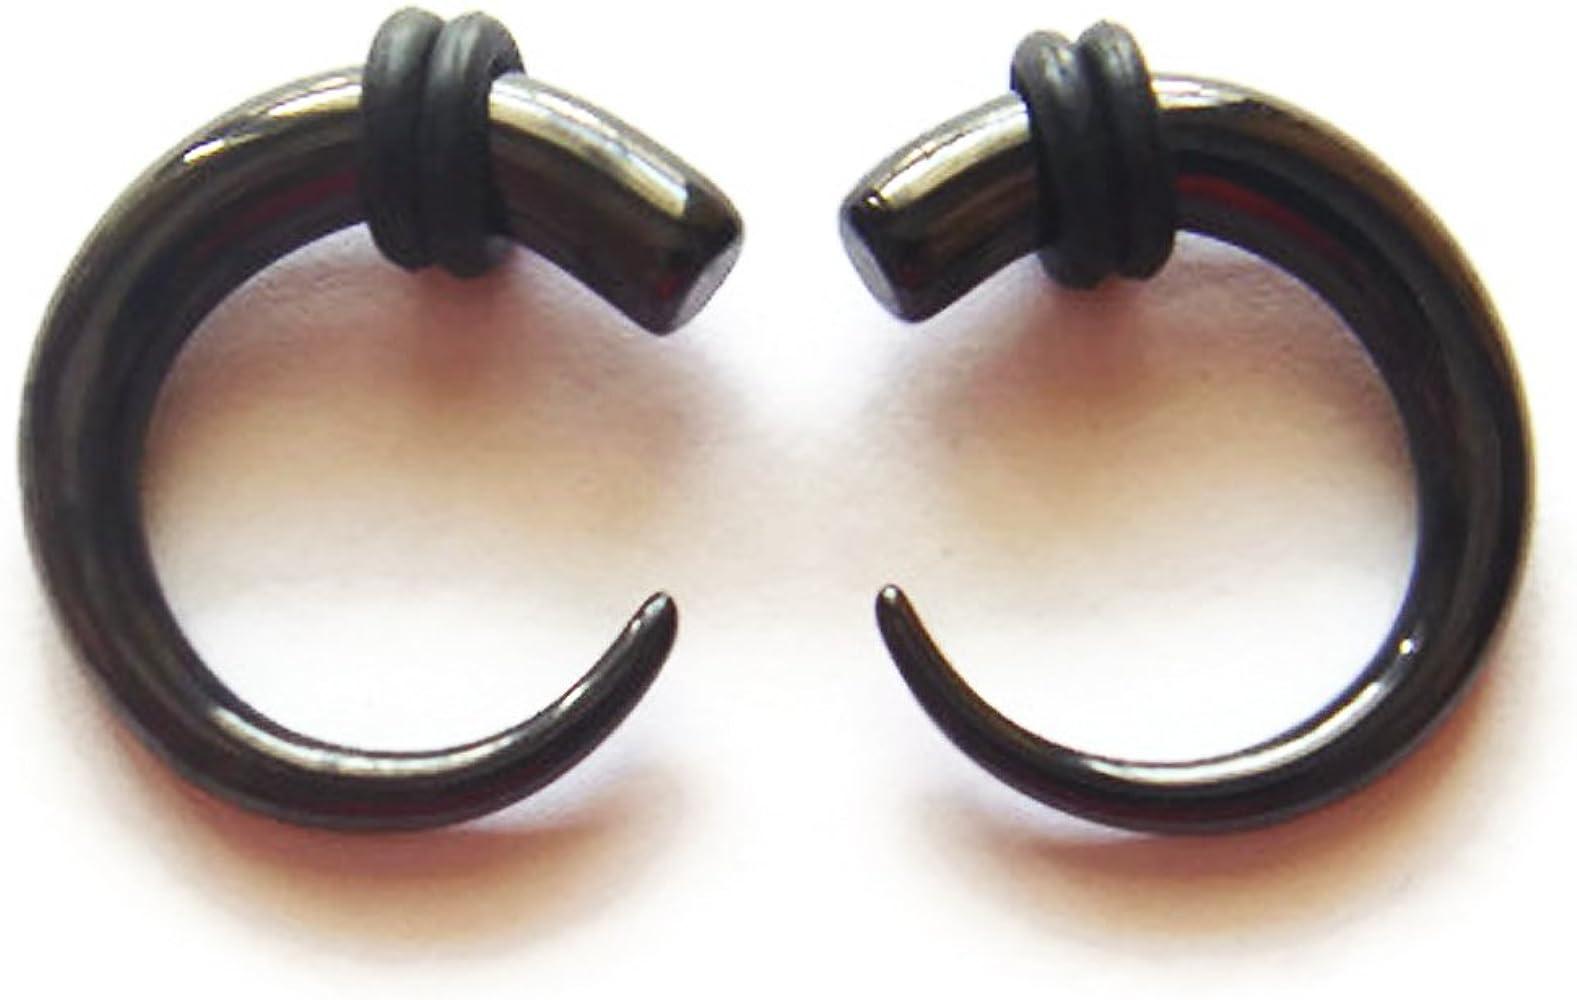 Amazon Com Pair 4g 4 Gauge 5mm Ear Plugs Ring Rings Earrings